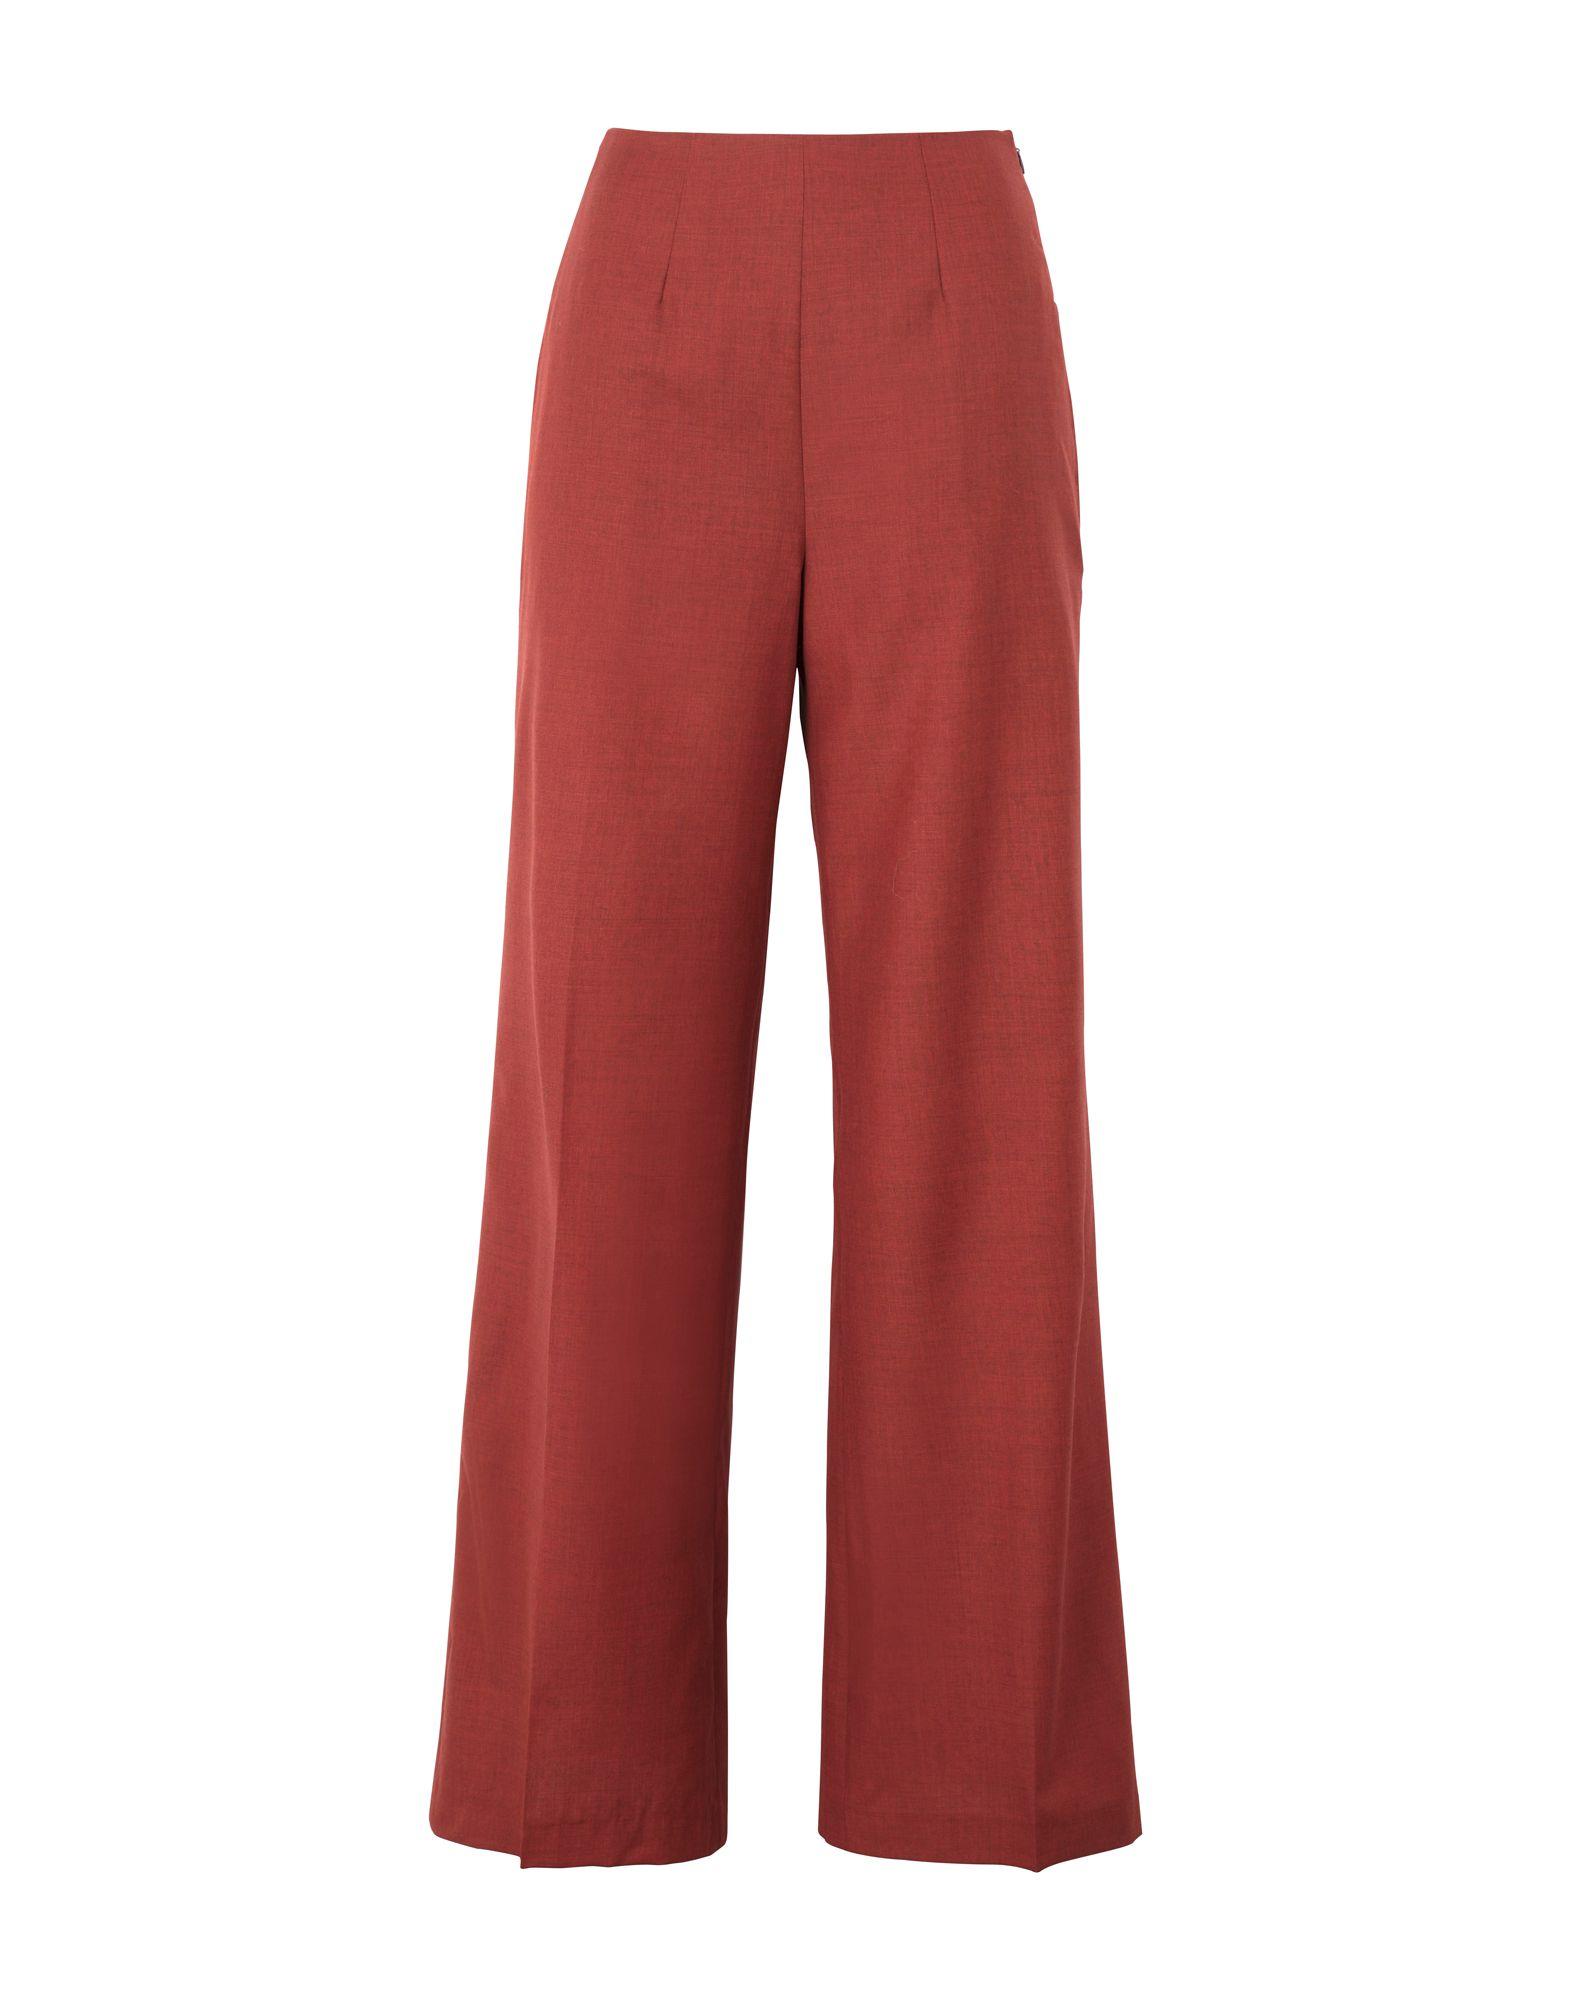 ARCHIVIO Повседневные брюки archivio firenze повседневные брюки